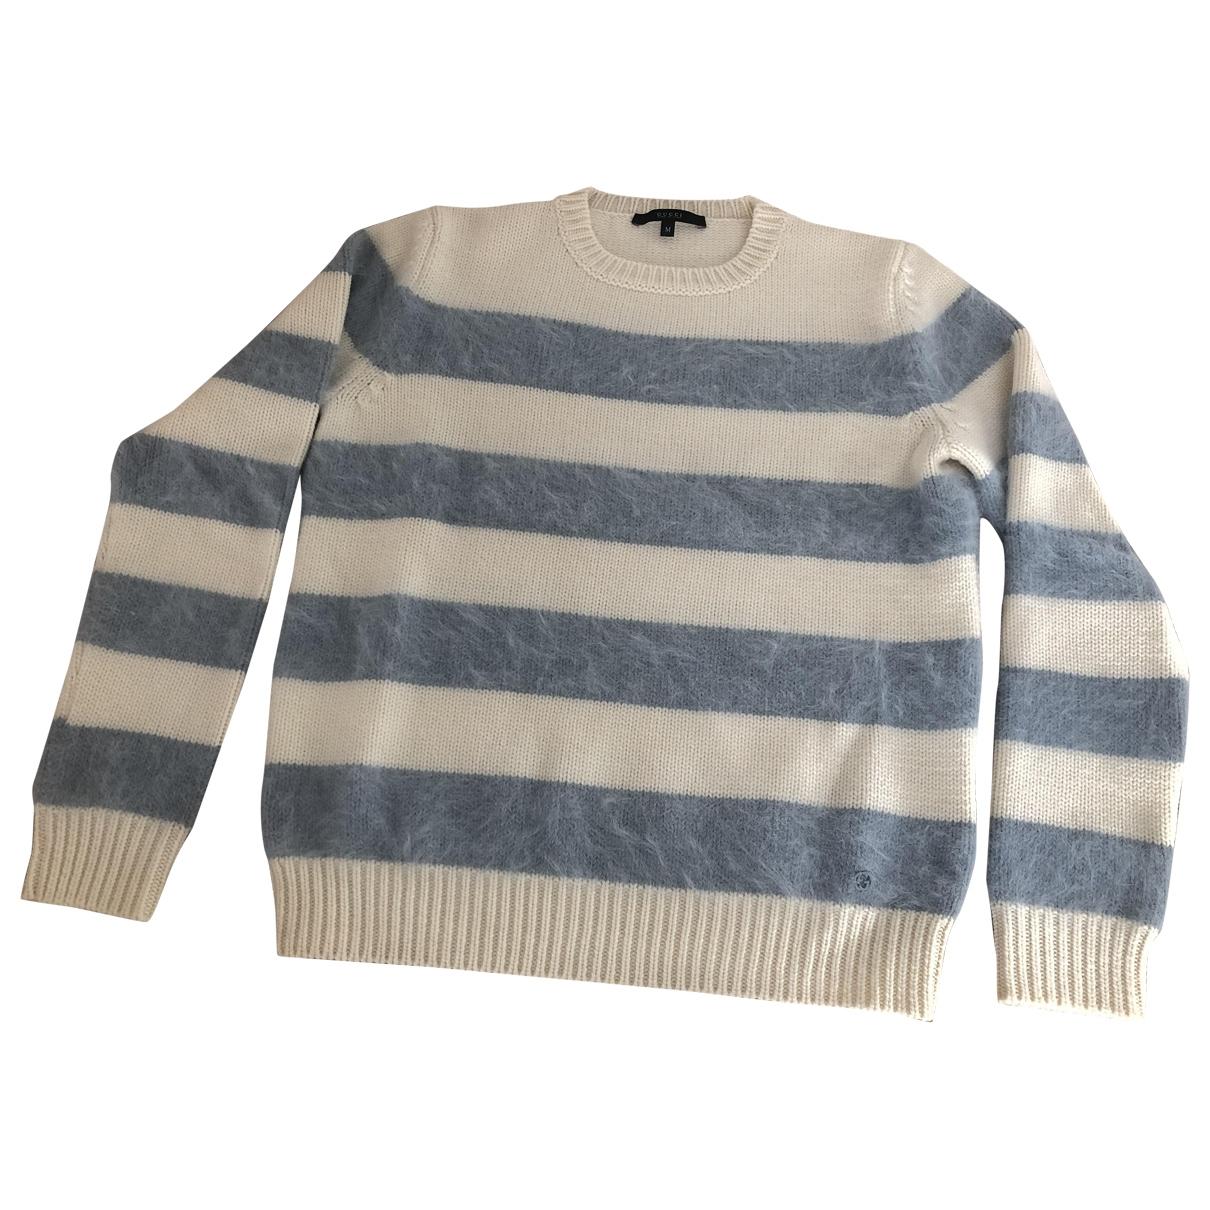 Gucci - Pull   pour femme en laine - multicolore